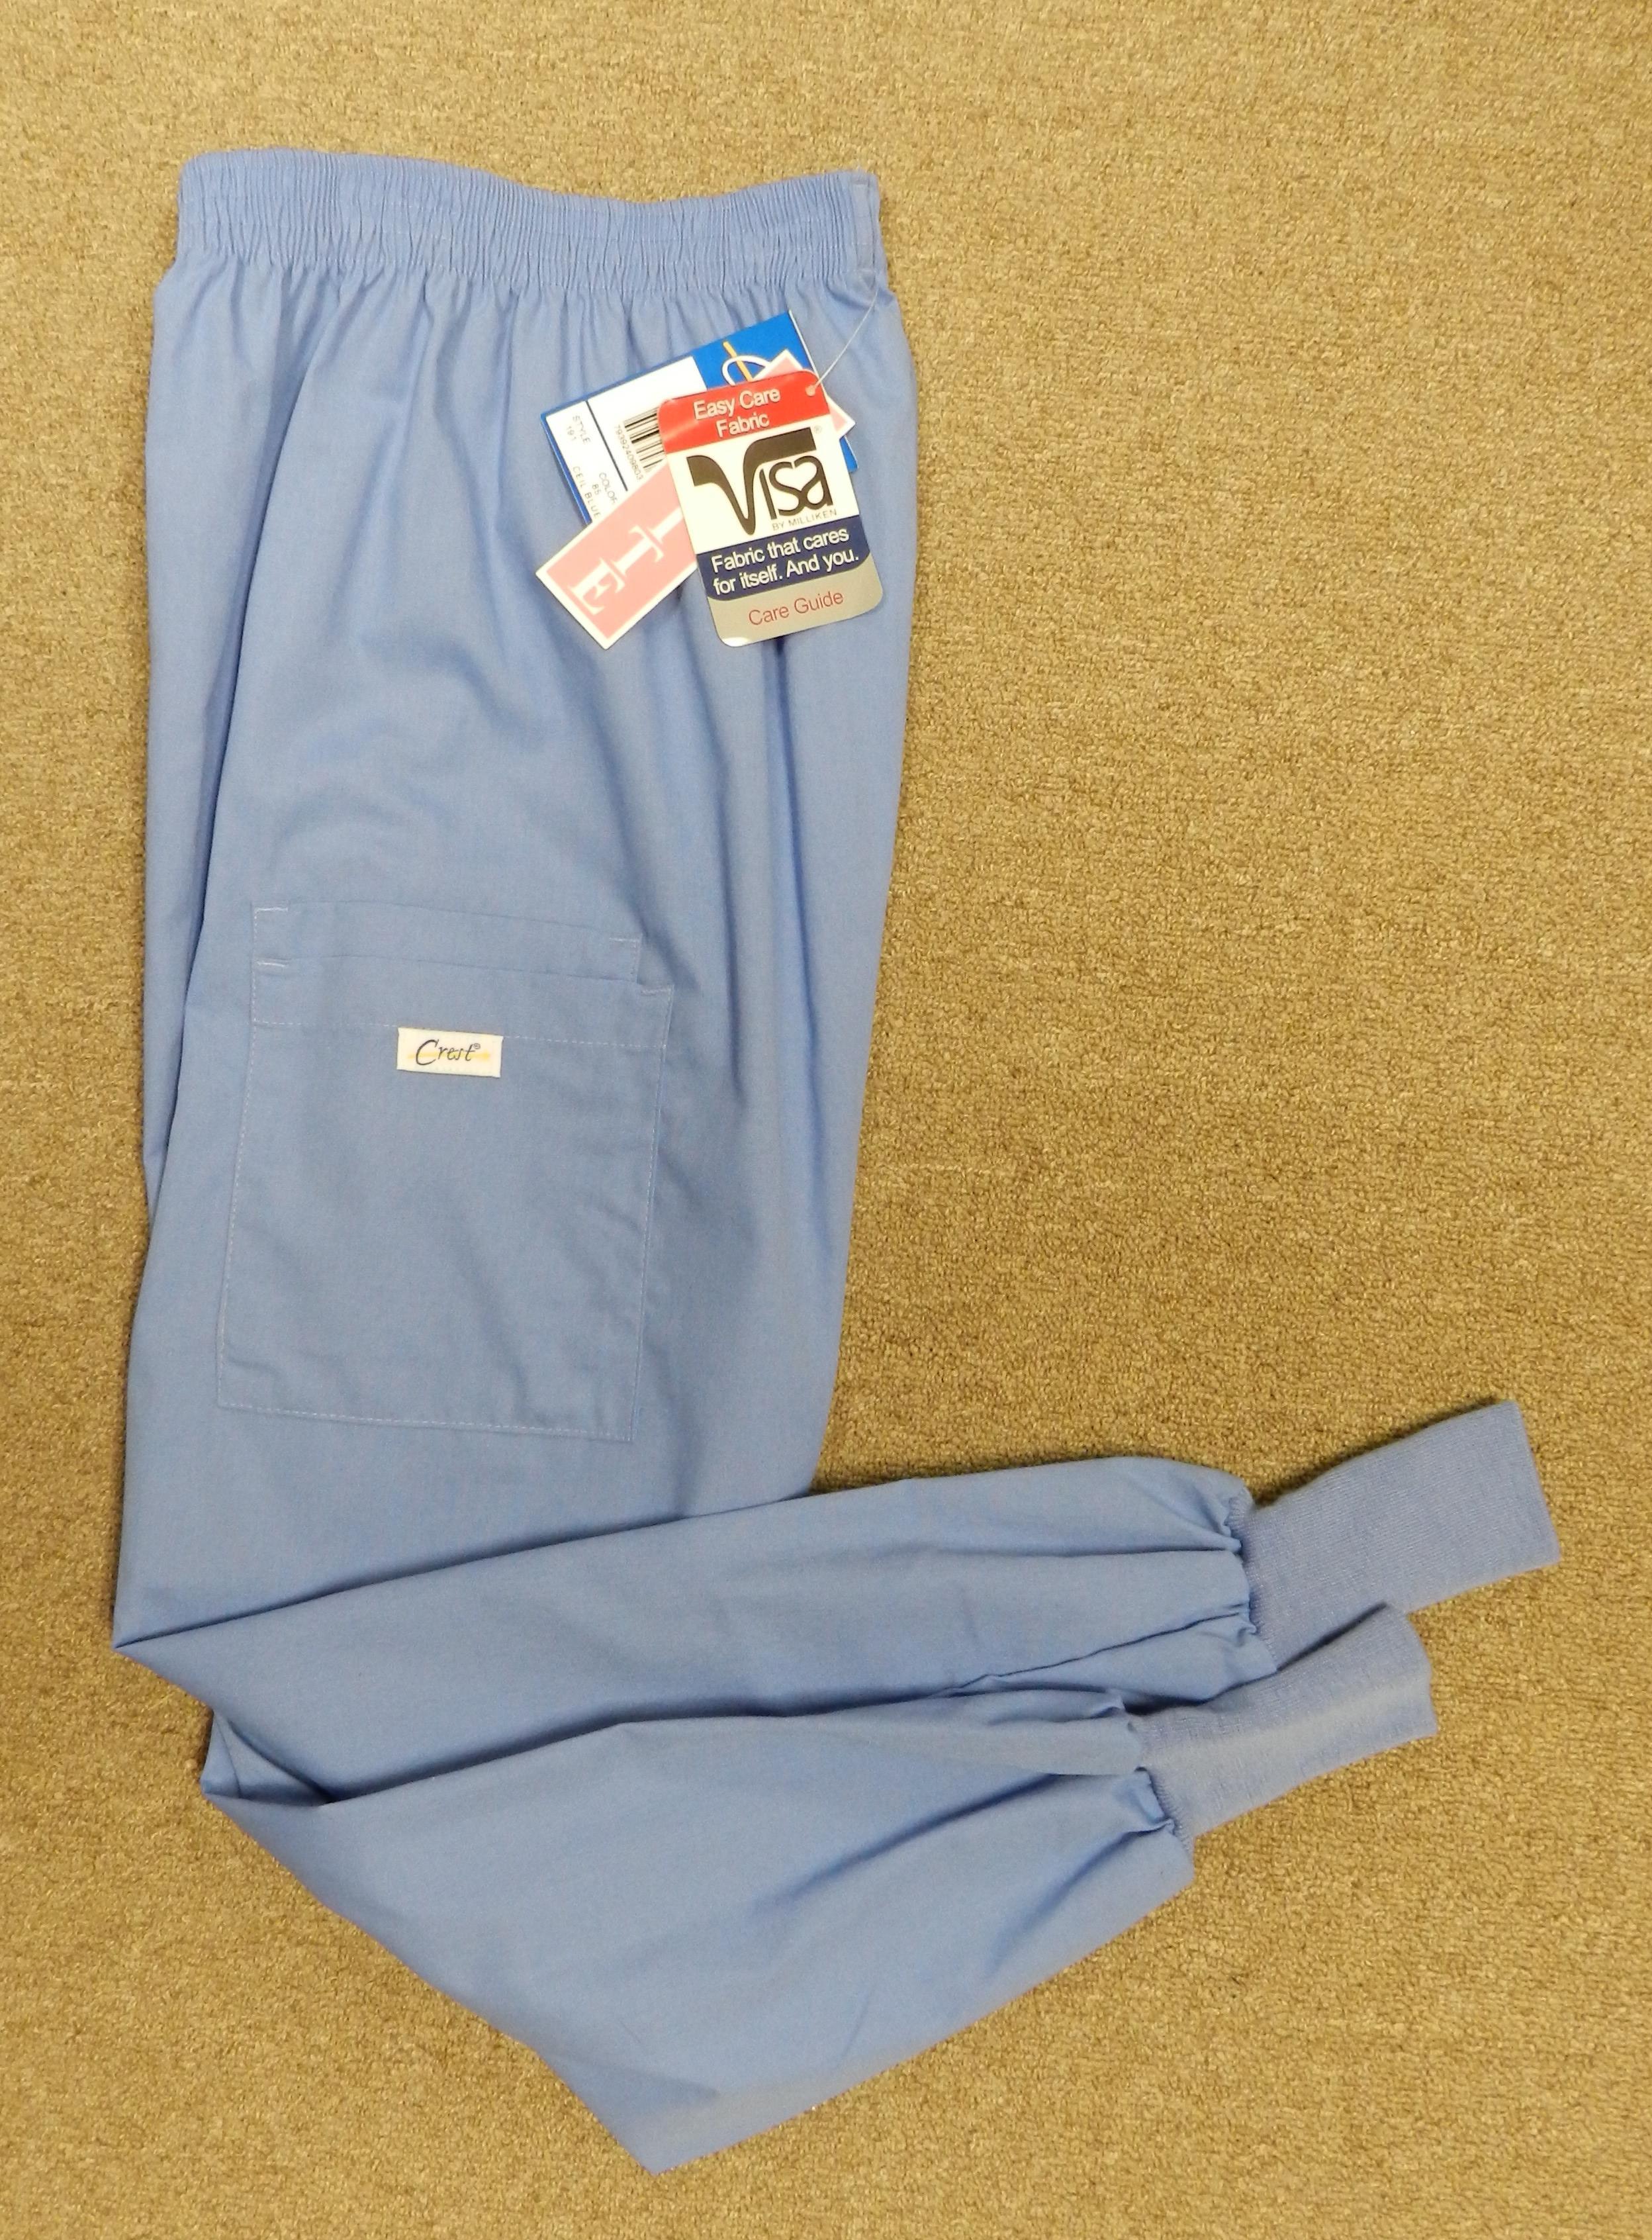 Crest Ceil Blue Uniform Scrub Pants Knit Cuff XS Petite 191 New